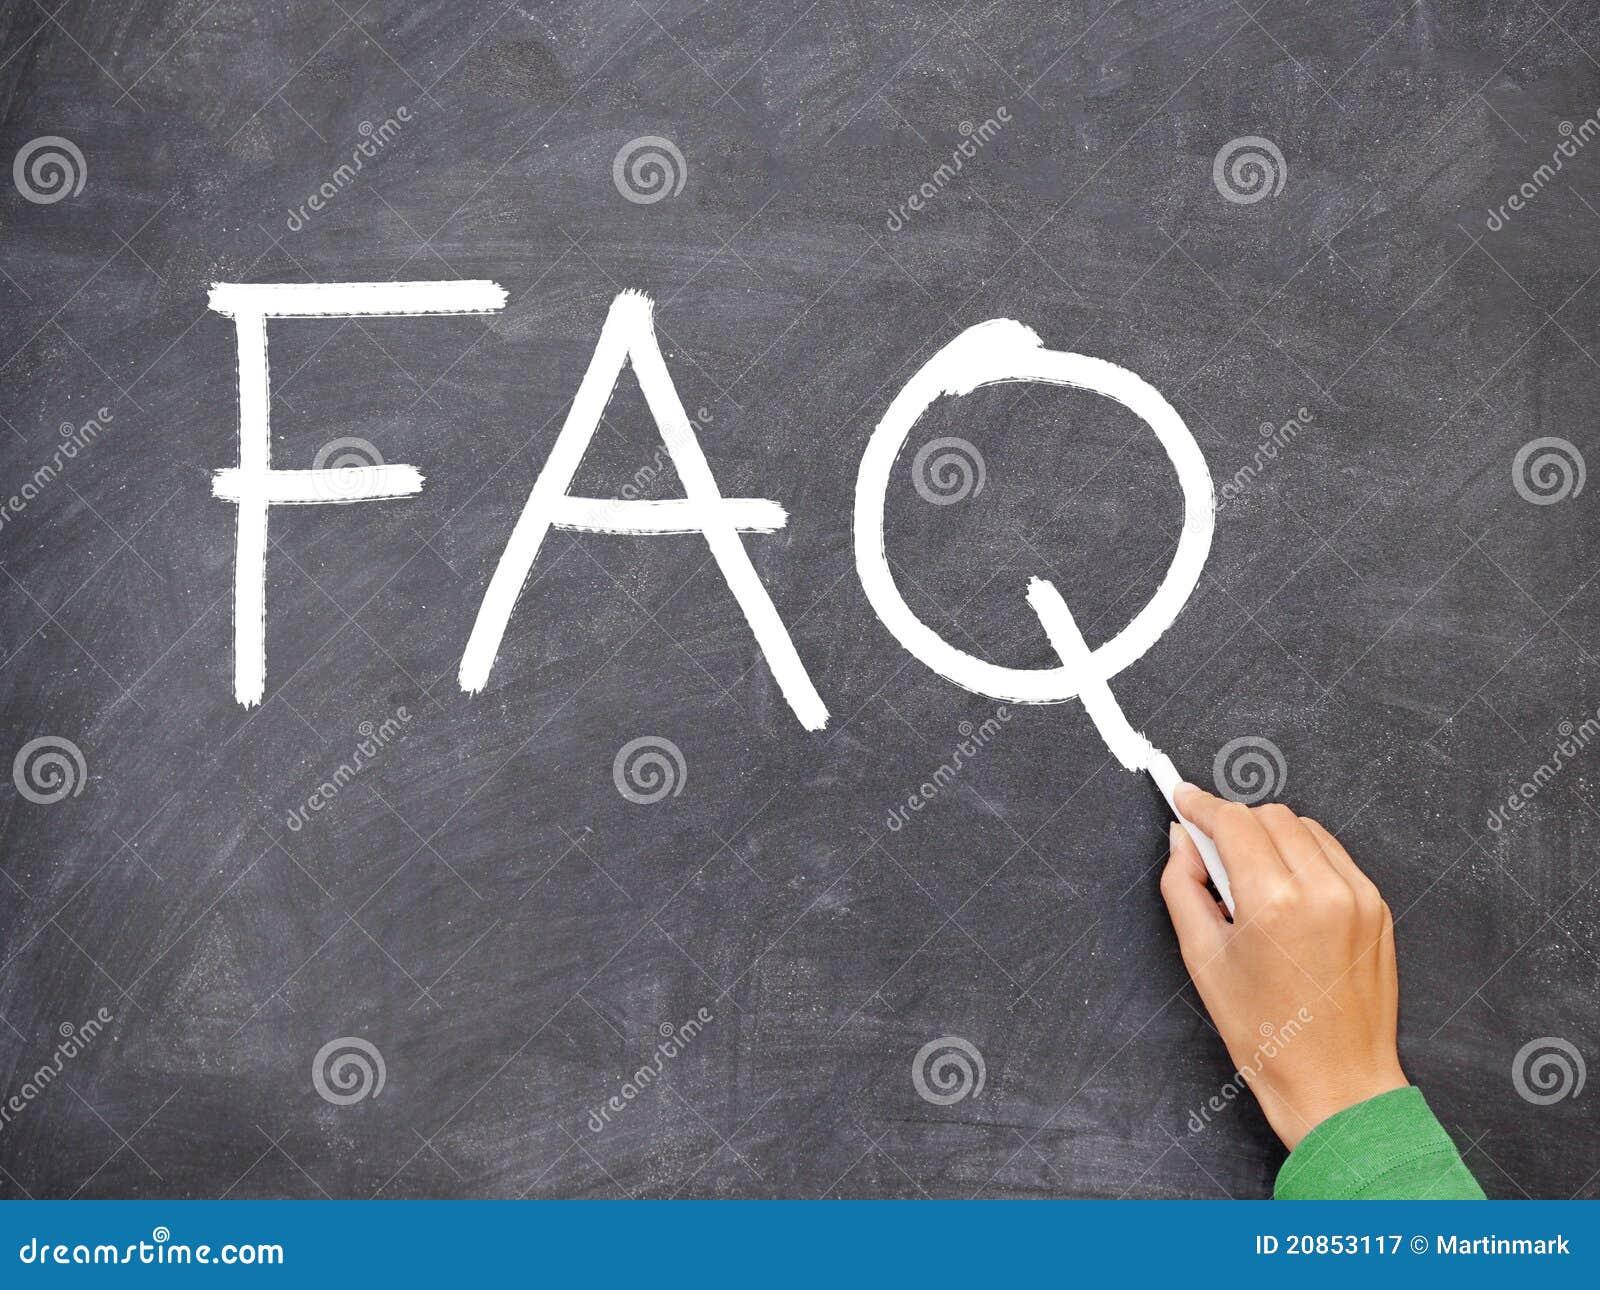 FAQ, pizarra de la pregunta